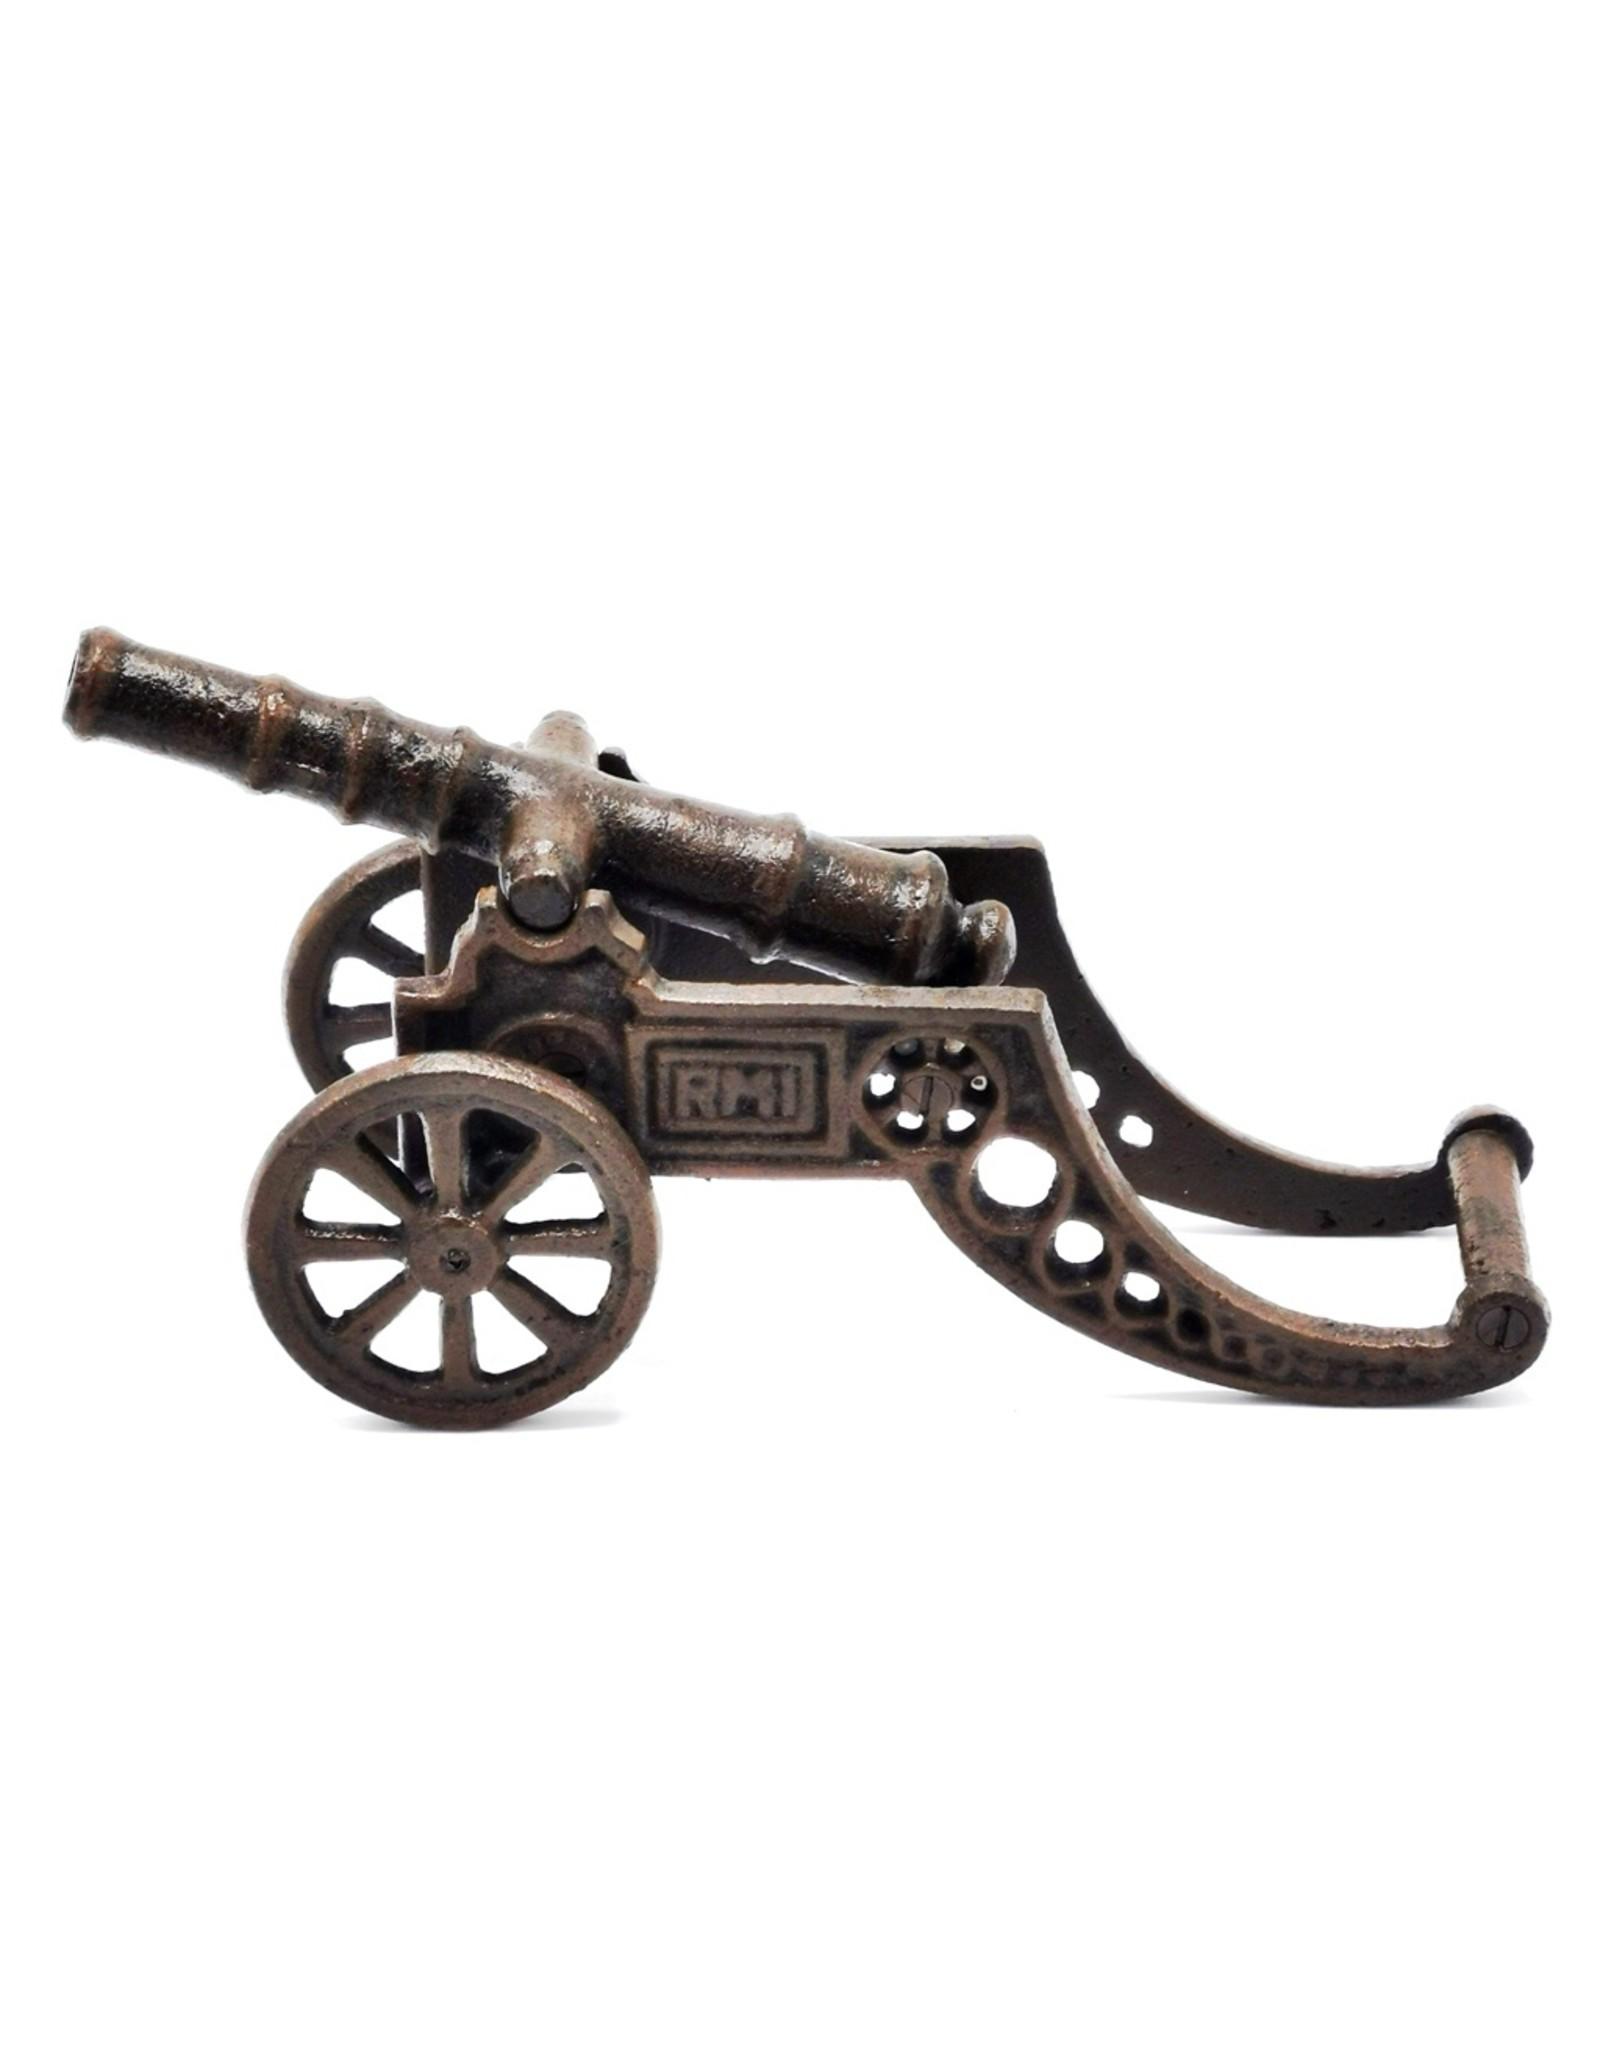 Trukado Miscellaneous - Gietijzeren kanon miniatuur